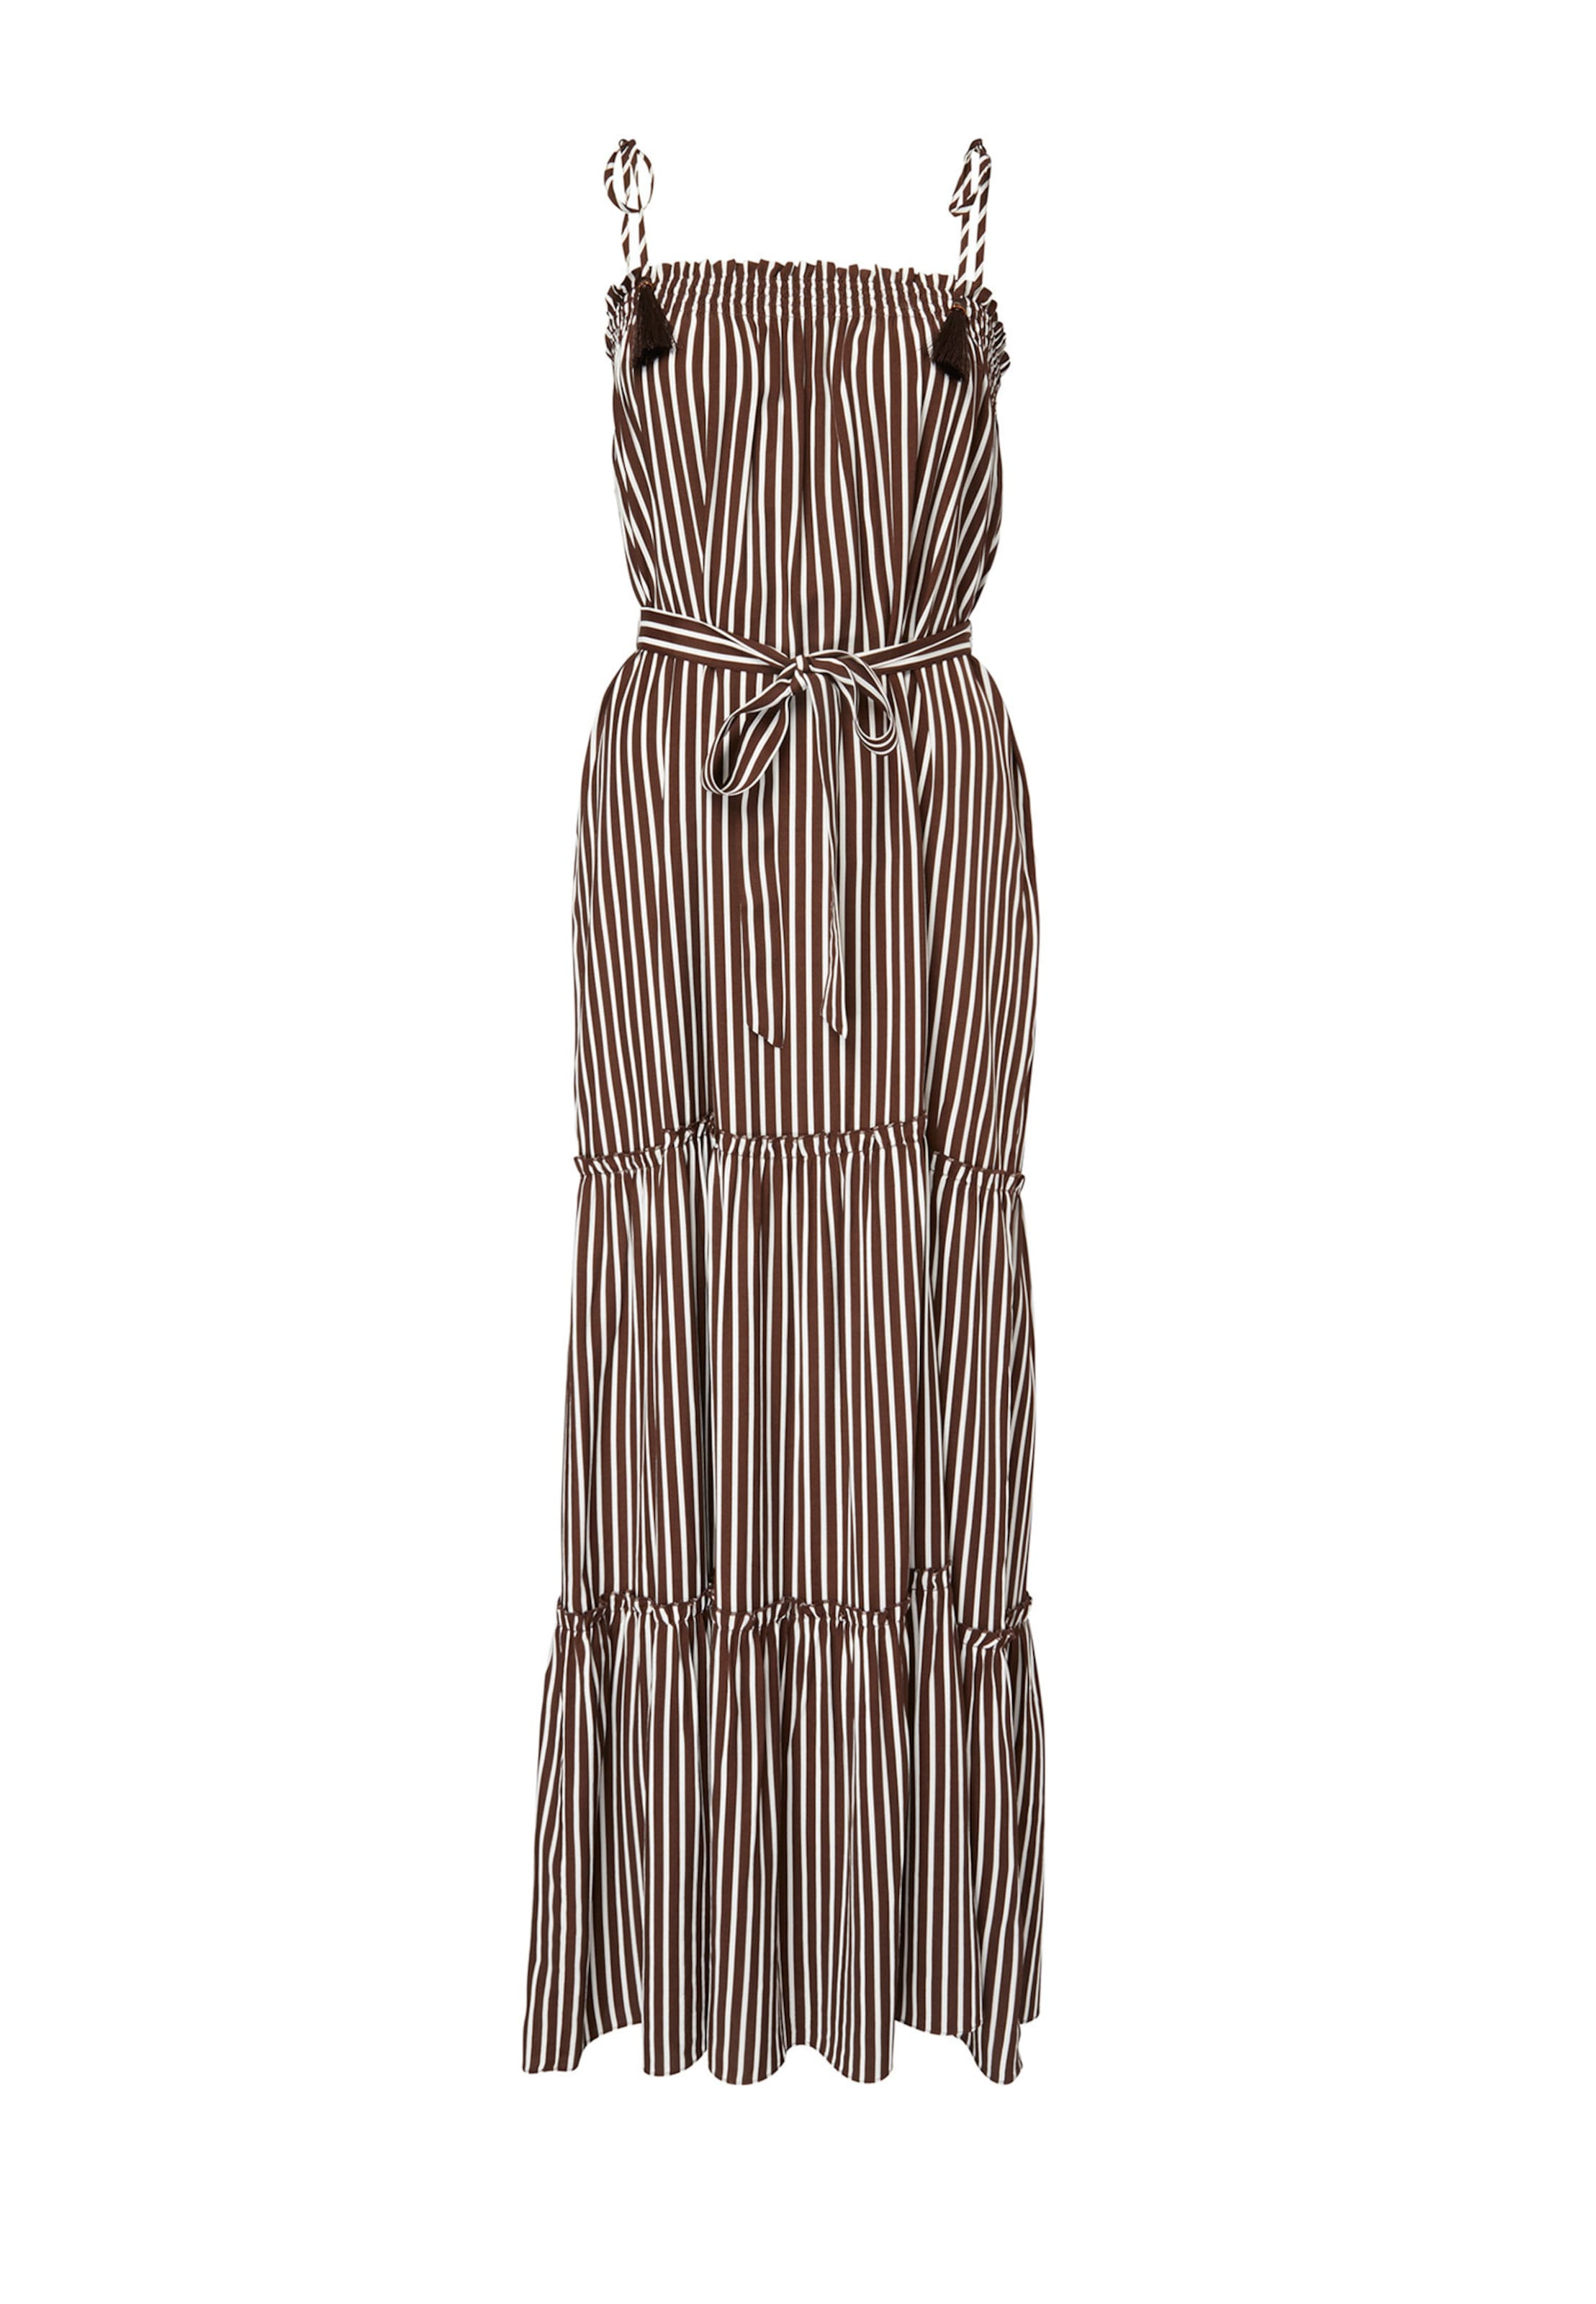 Hallhuber In Kleid Hallhuber Hallhuber Kleid In BraunWeiß BraunWeiß Hallhuber Kleid In BraunWeiß Rj3Lq54A